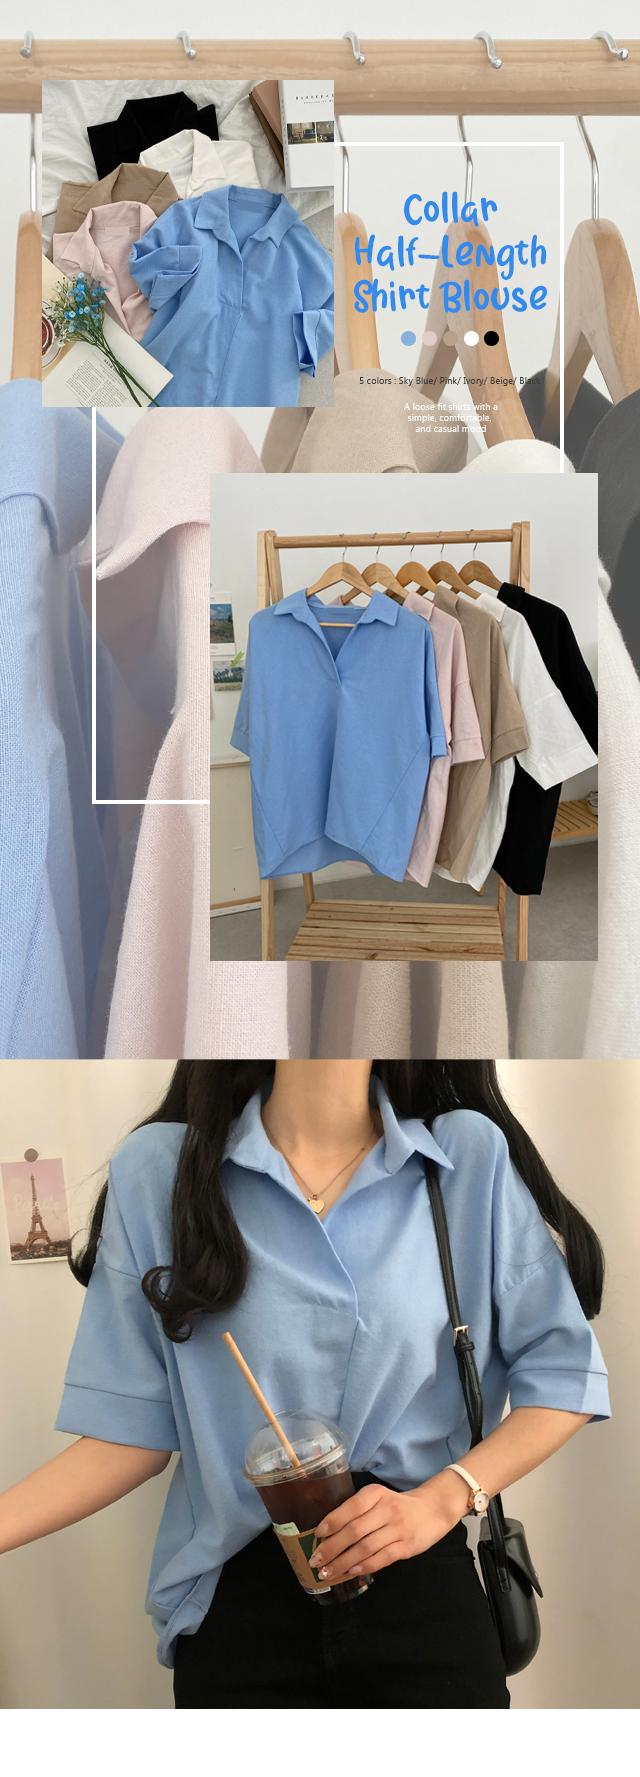 Tutu collar five-piece shirt blouse